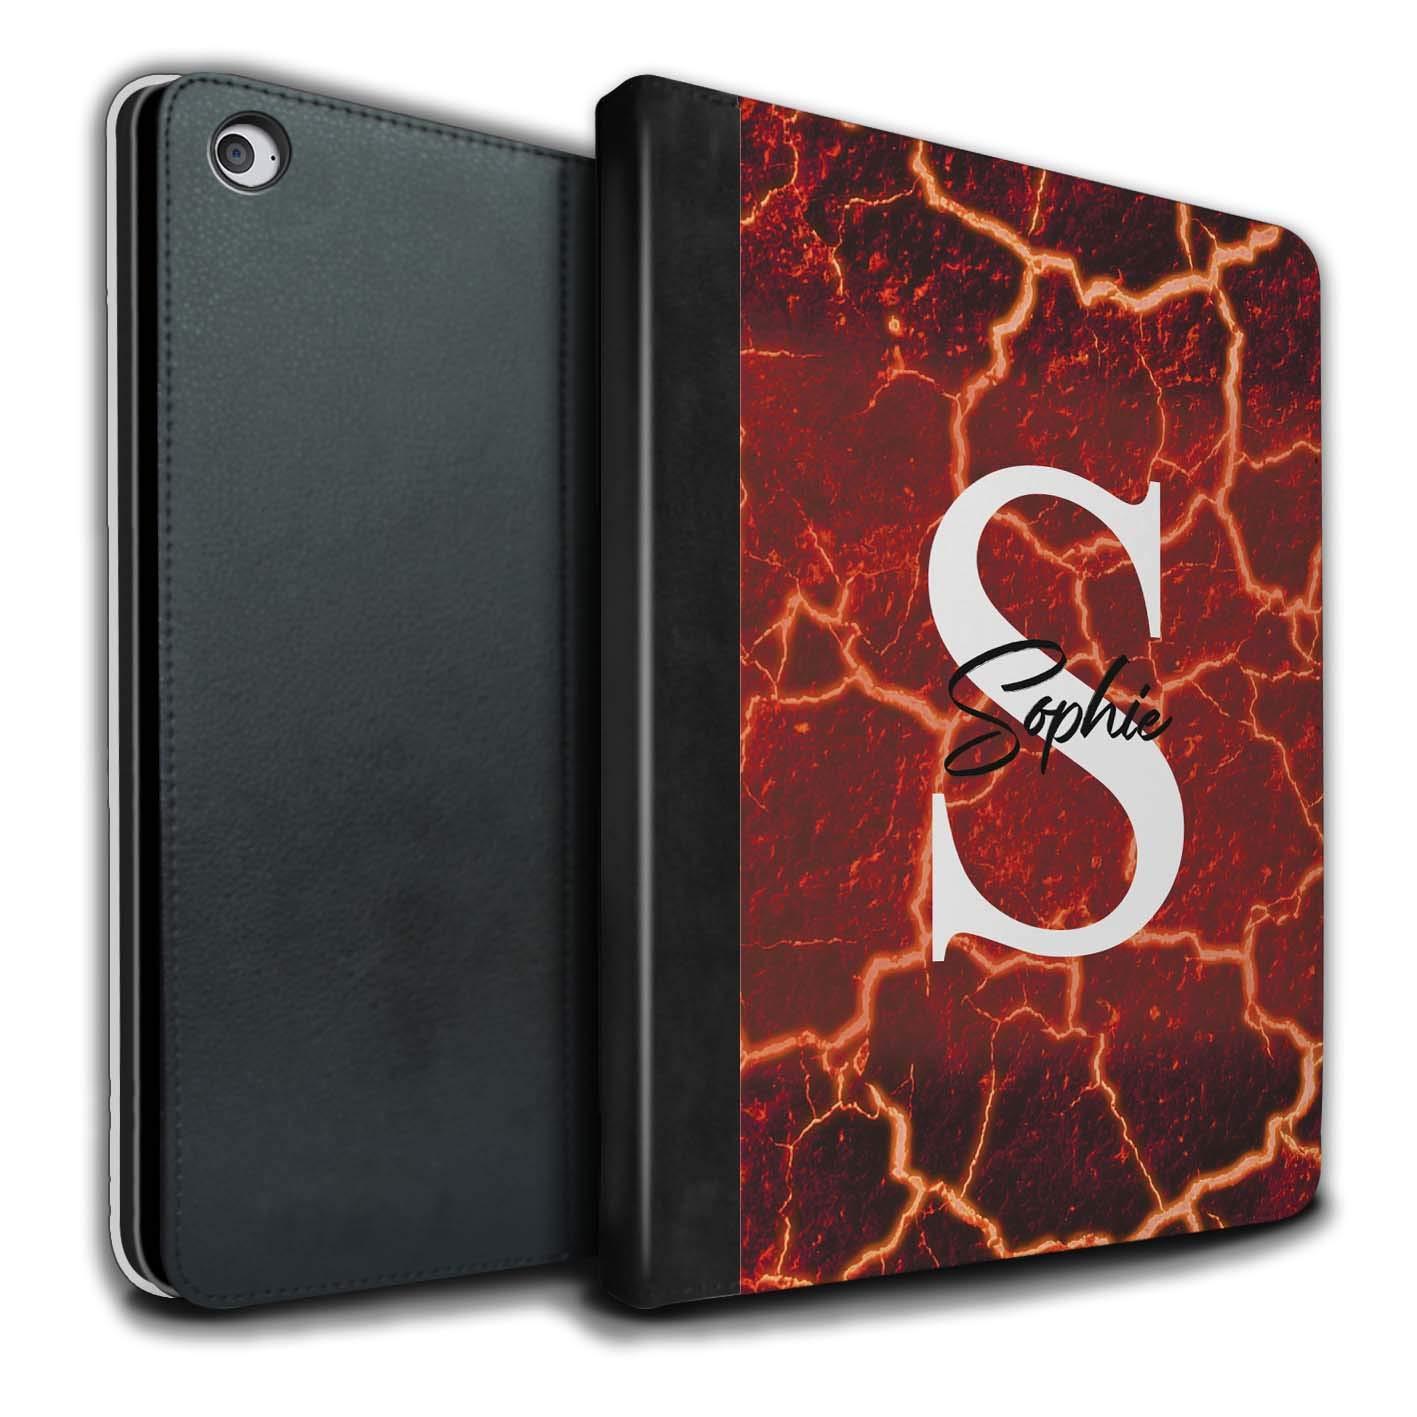 eSwish Apple iPad Air 2タブレット用PUブック/カバーケース ティールグリーンモノグラム/カスタムマーブルストーンファン MR-IPA2-TSBL-DD-STNDIY-7  Cracked Molten Lava B07LCTVC61